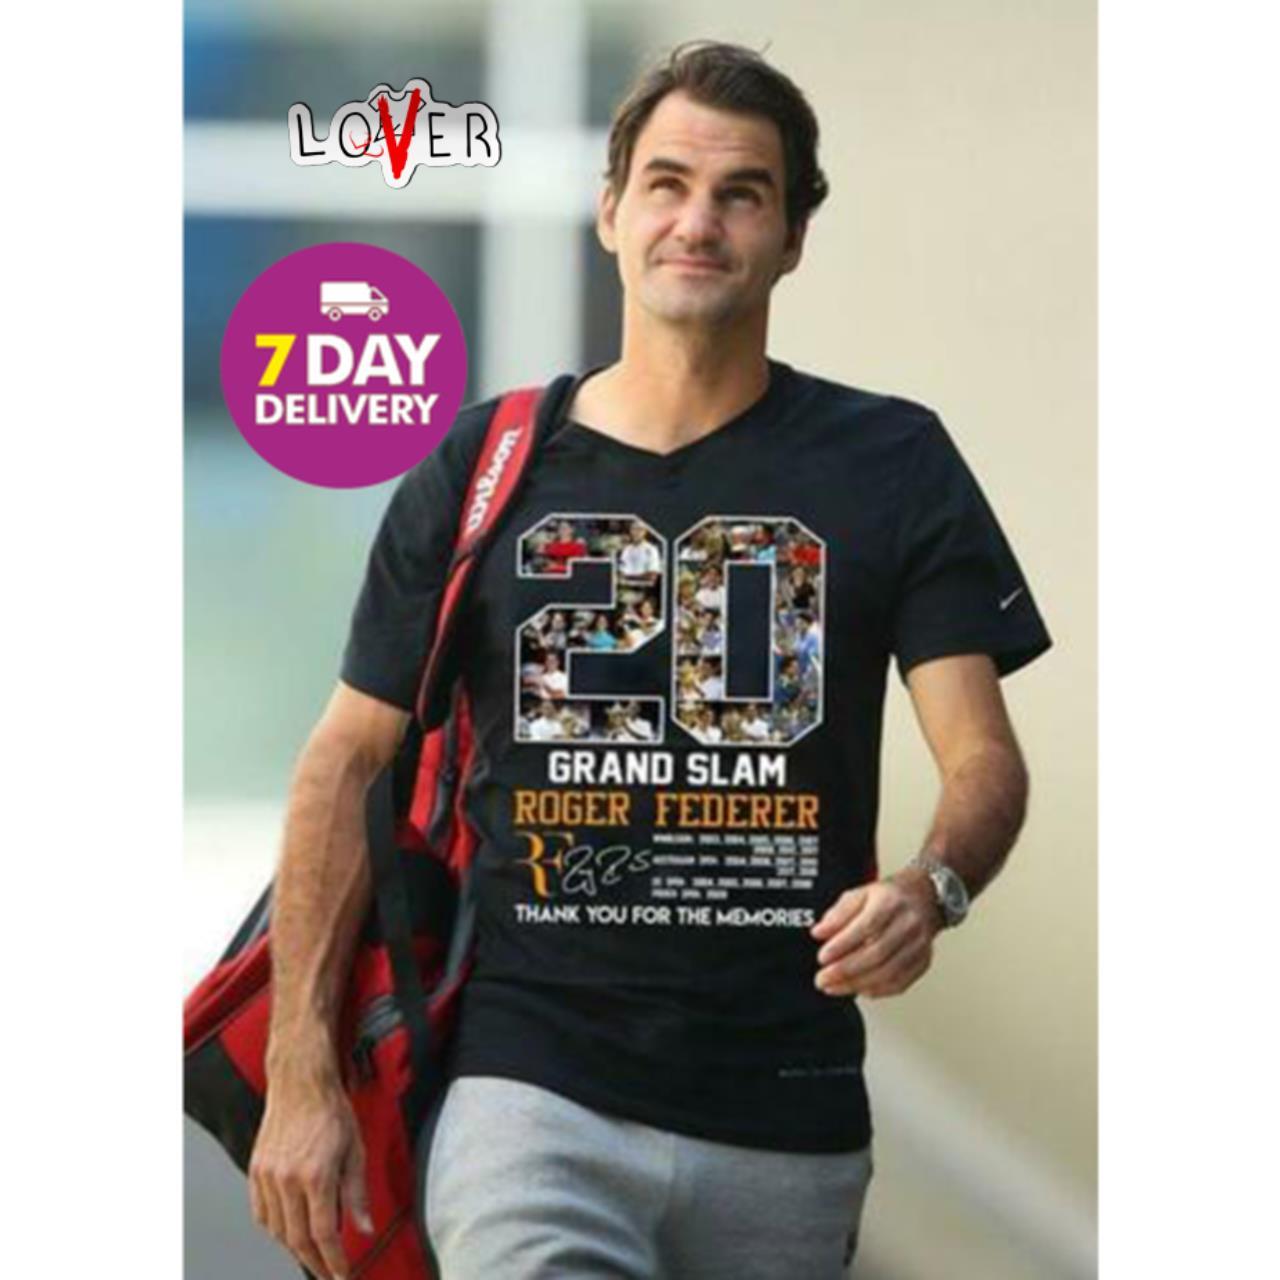 20 Years Grand Slam Roger Federer signature shirt